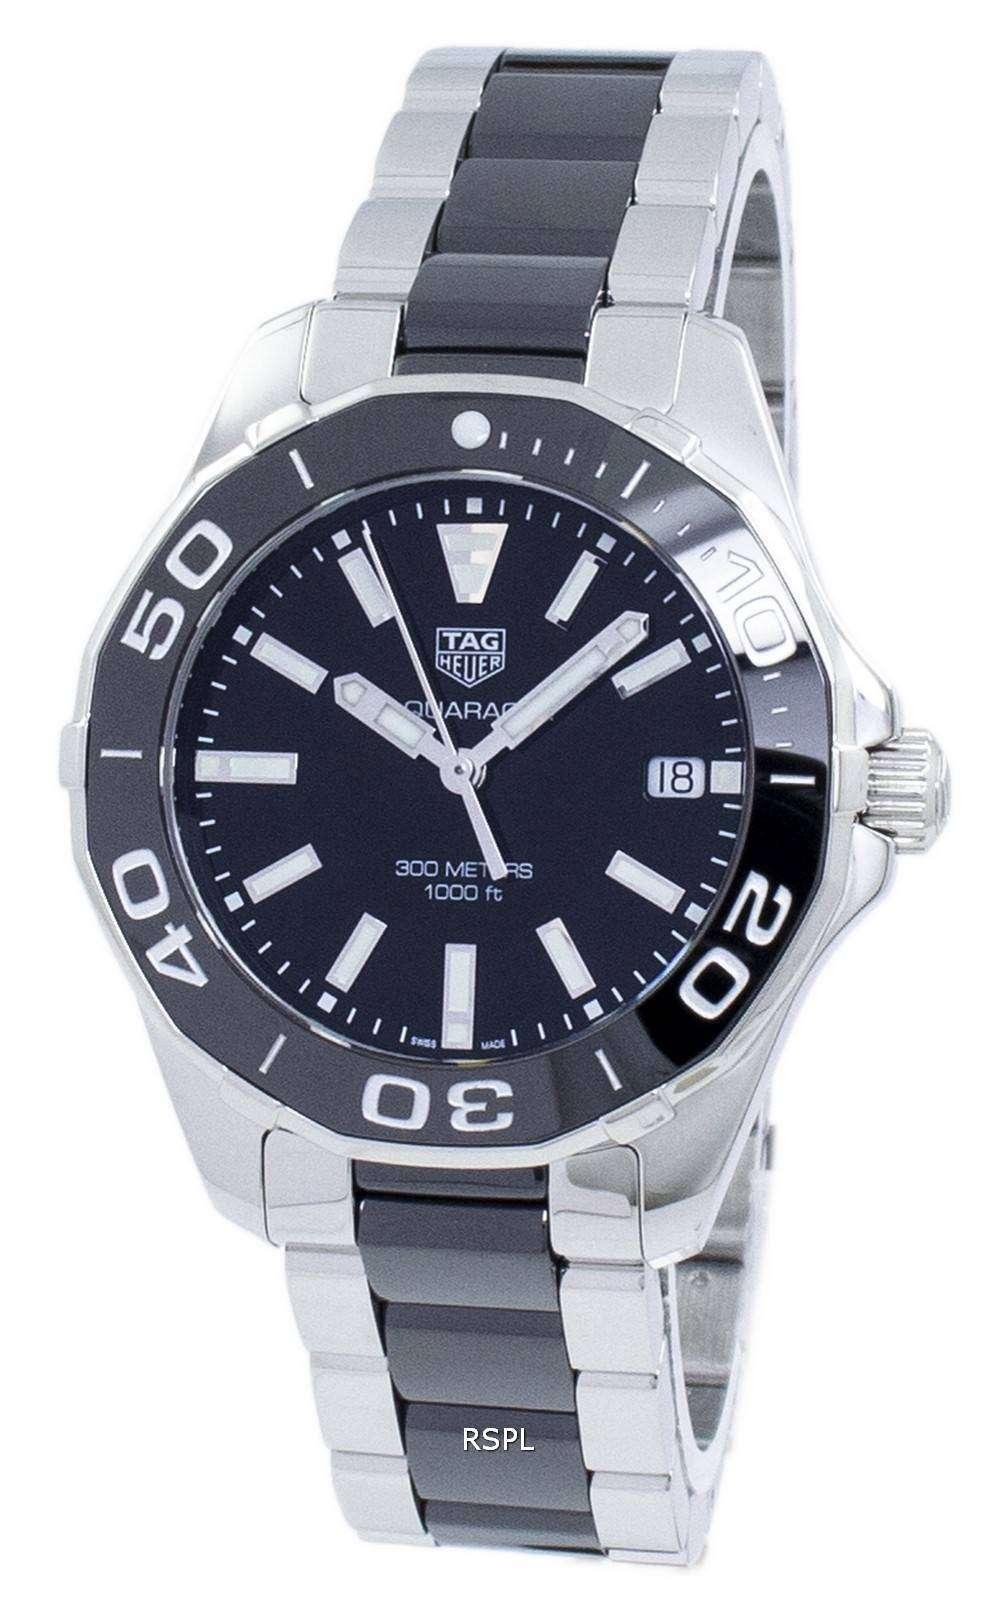 タグ ・ ホイヤー アクア レーサー クォーツ WAY131A。BA0913 レディース腕時計